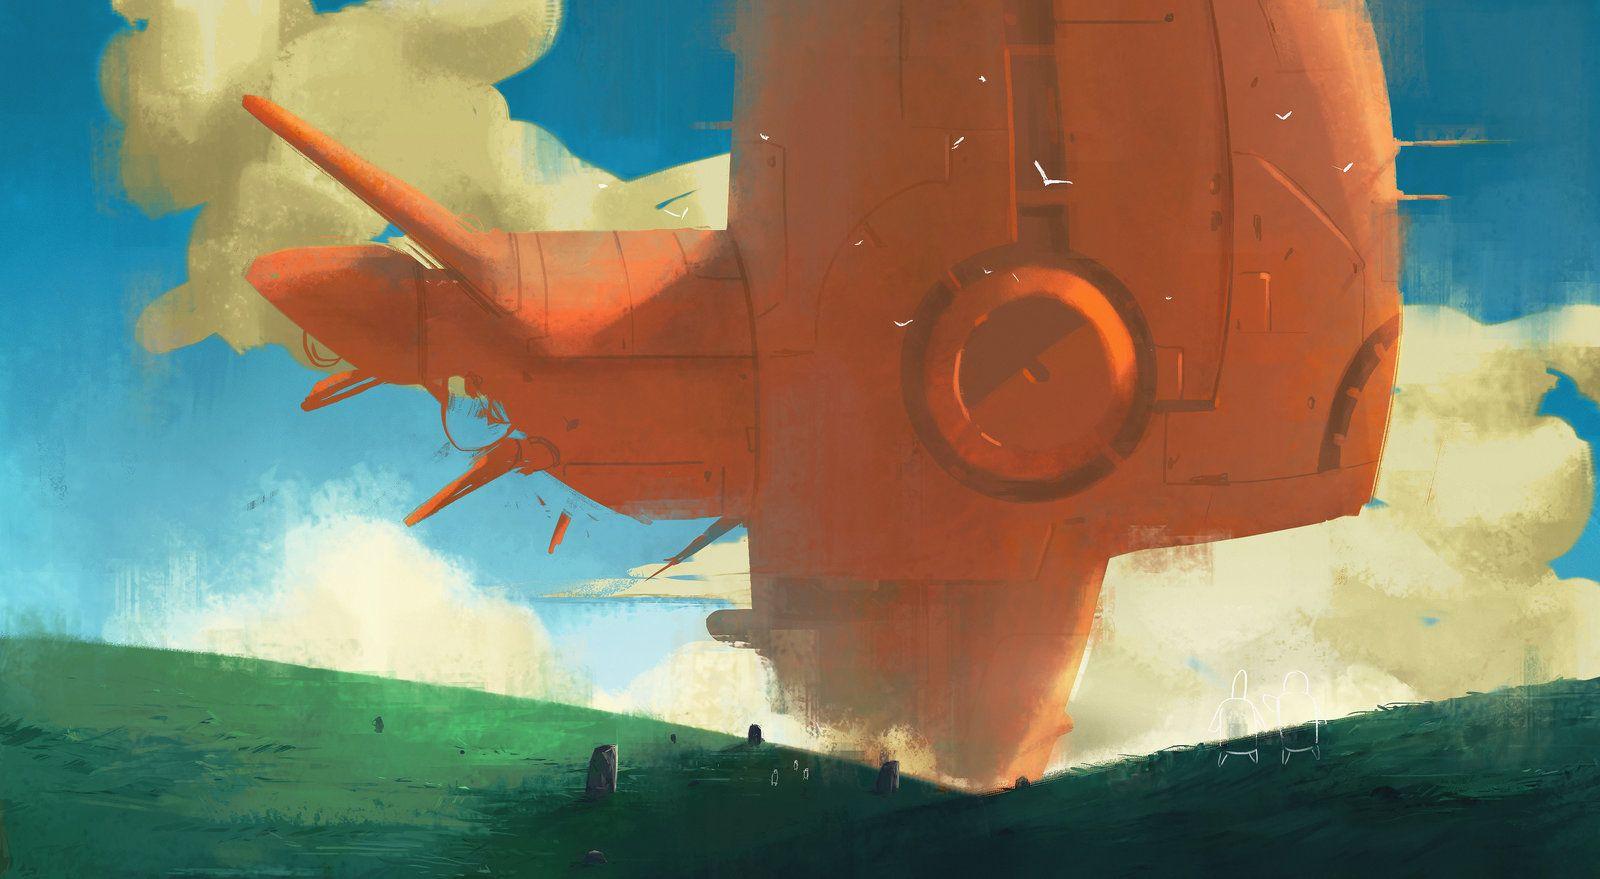 fishship , Tyler Ryan on ArtStation at https://www.artstation.com/artwork/fishship